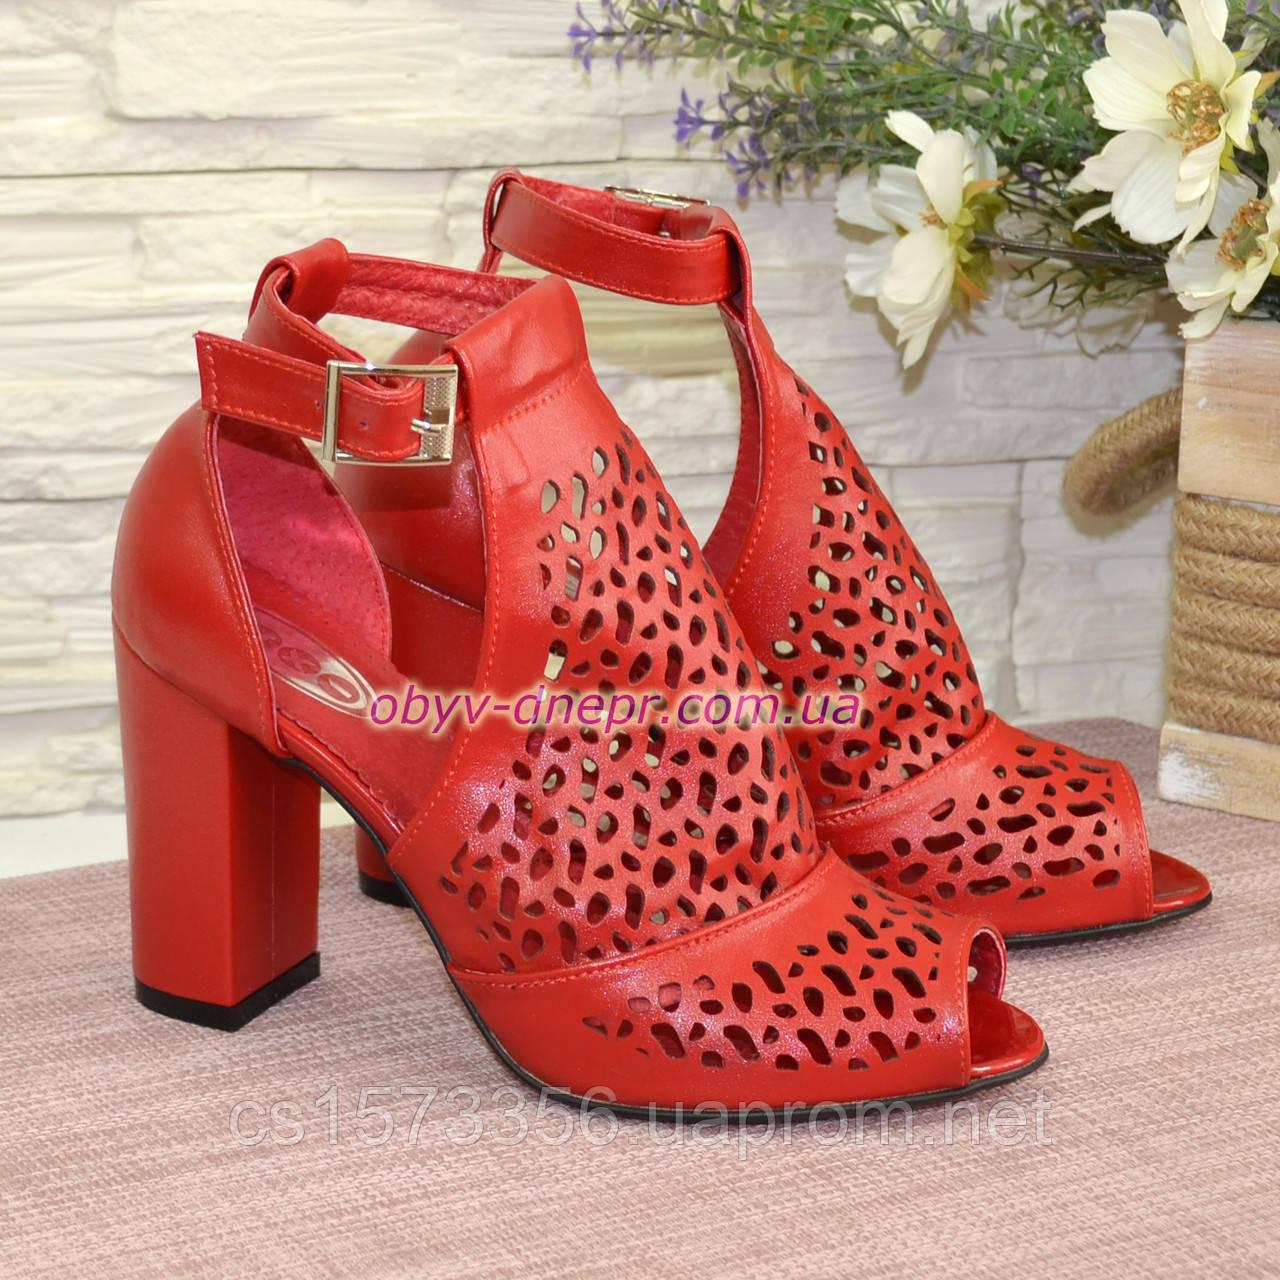 Женские кожаные красные босоножки на устойчивом каблуке